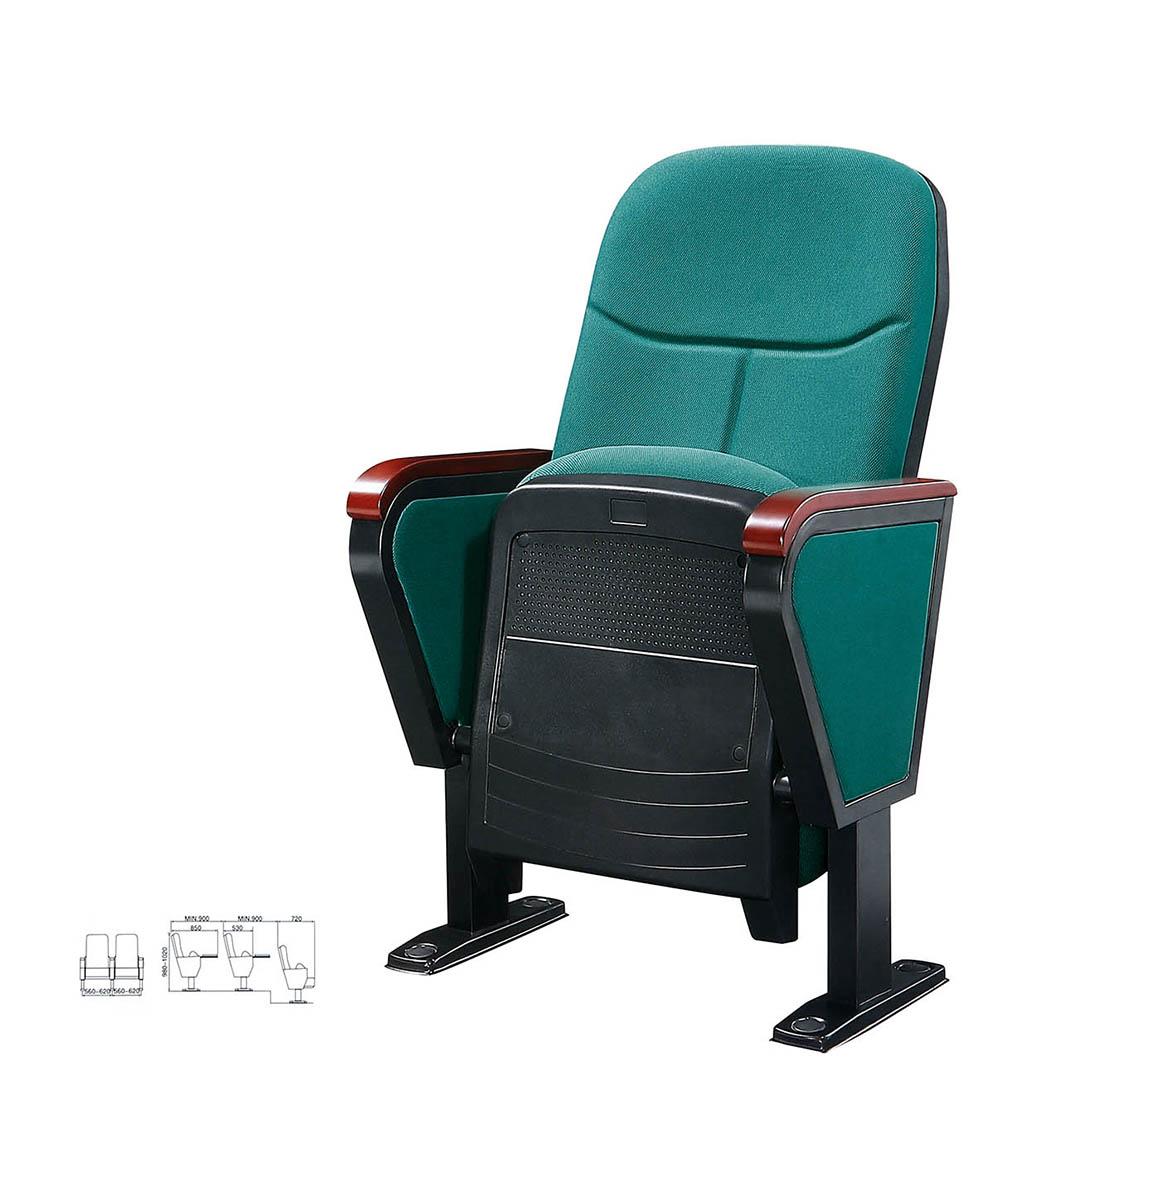 禮堂椅 JH-1008.jpg